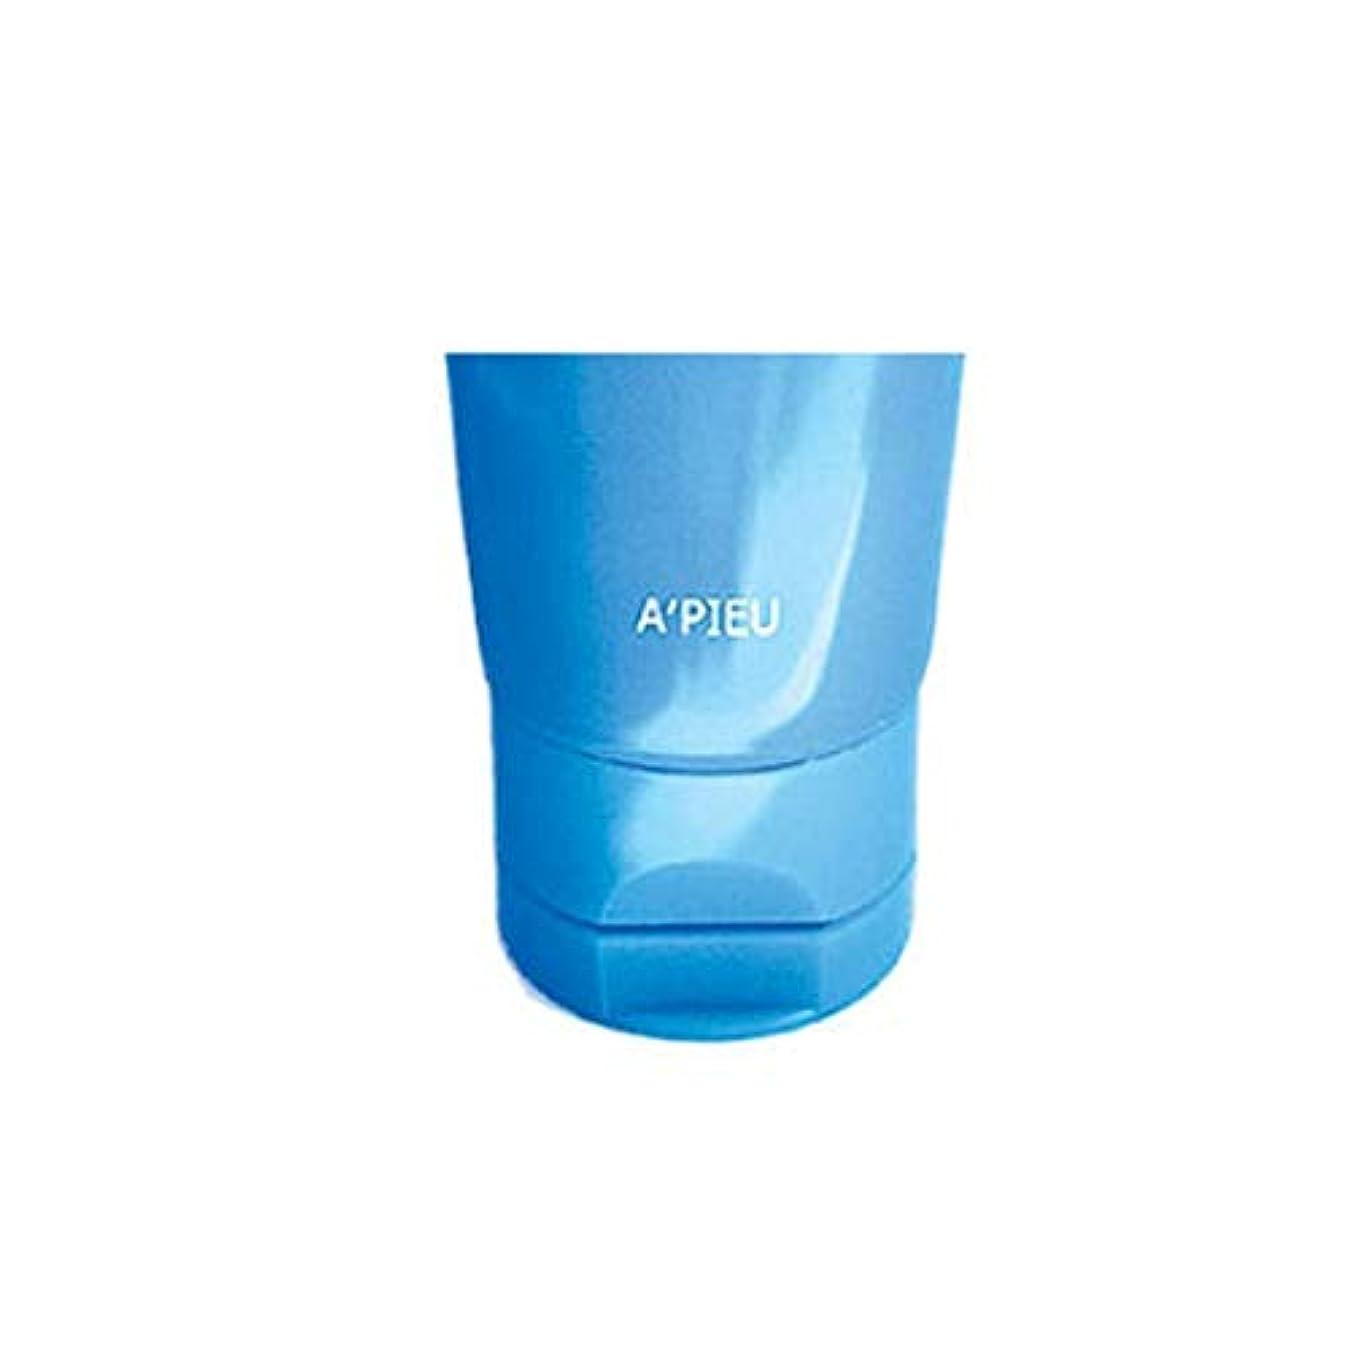 量でシャッターかるオピュディープクリーンフォームクレンザー130mlx2本セット韓国コスメ、A'pieu Deep Clean Foam Cleanser 130ml x 2ea Set Korean Cosmetics [並行輸入品]